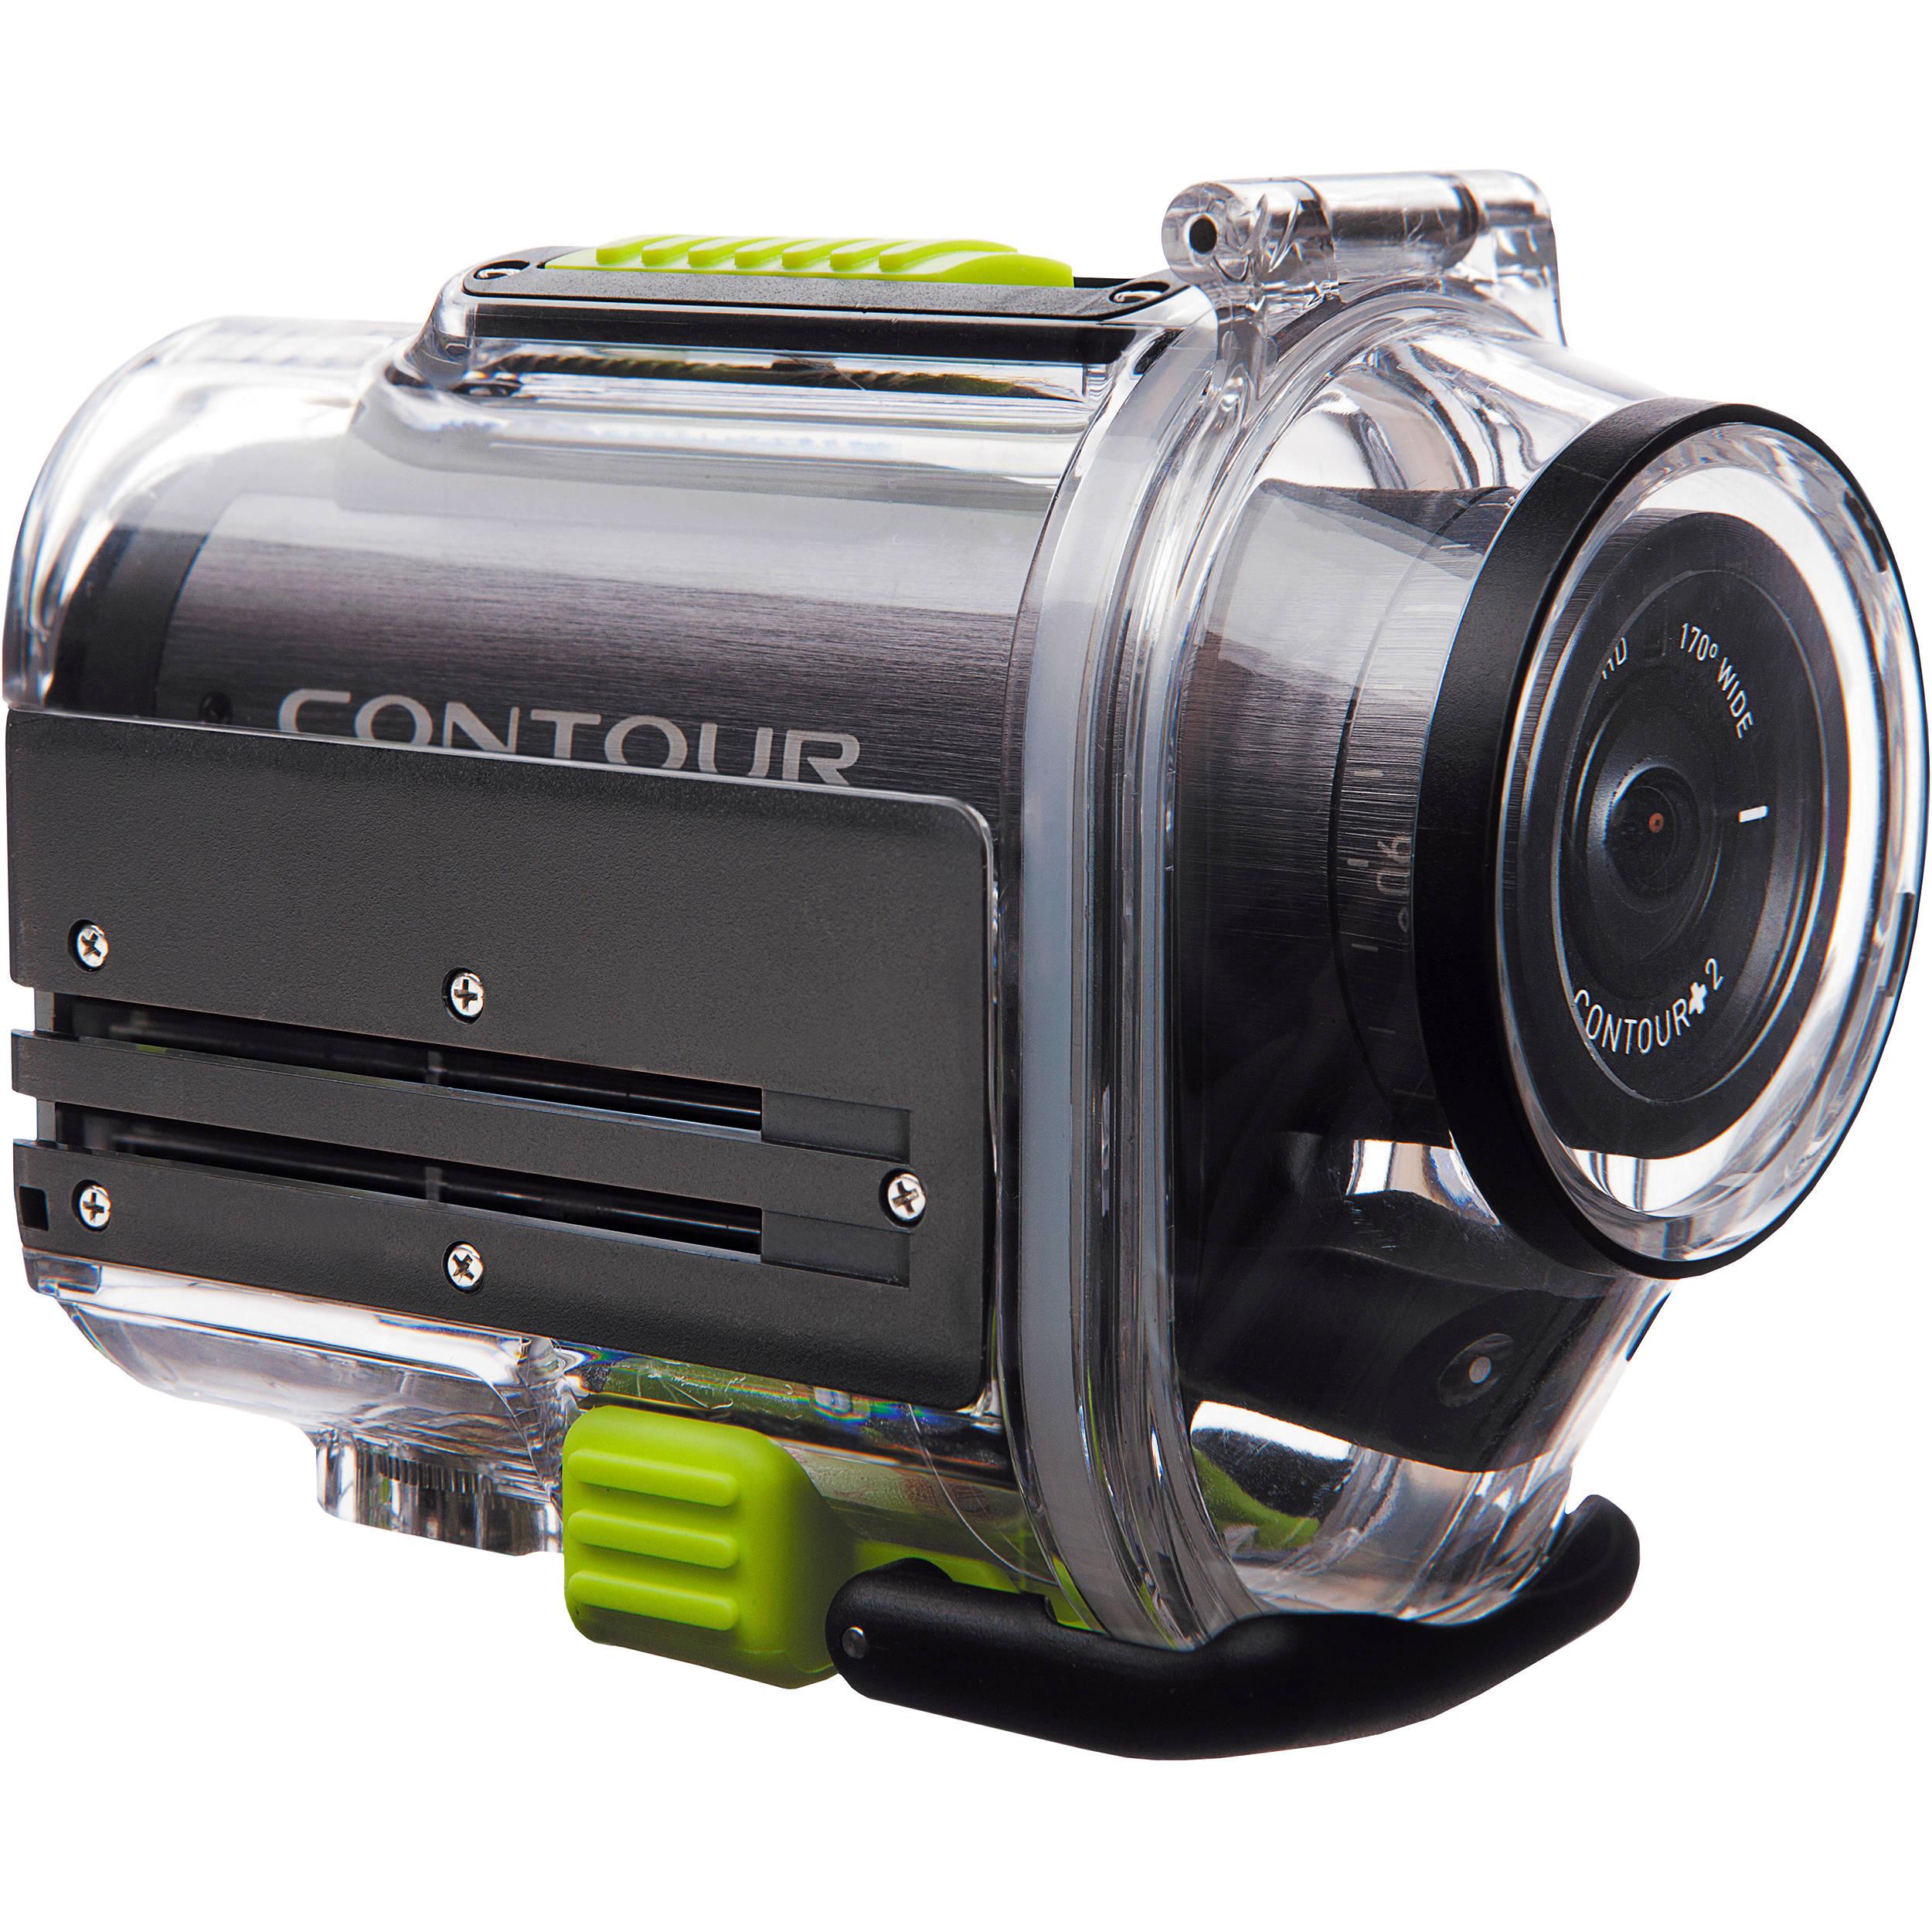 Contour Contour+2 HD Action Camcorder 1701 B&H Photo Video